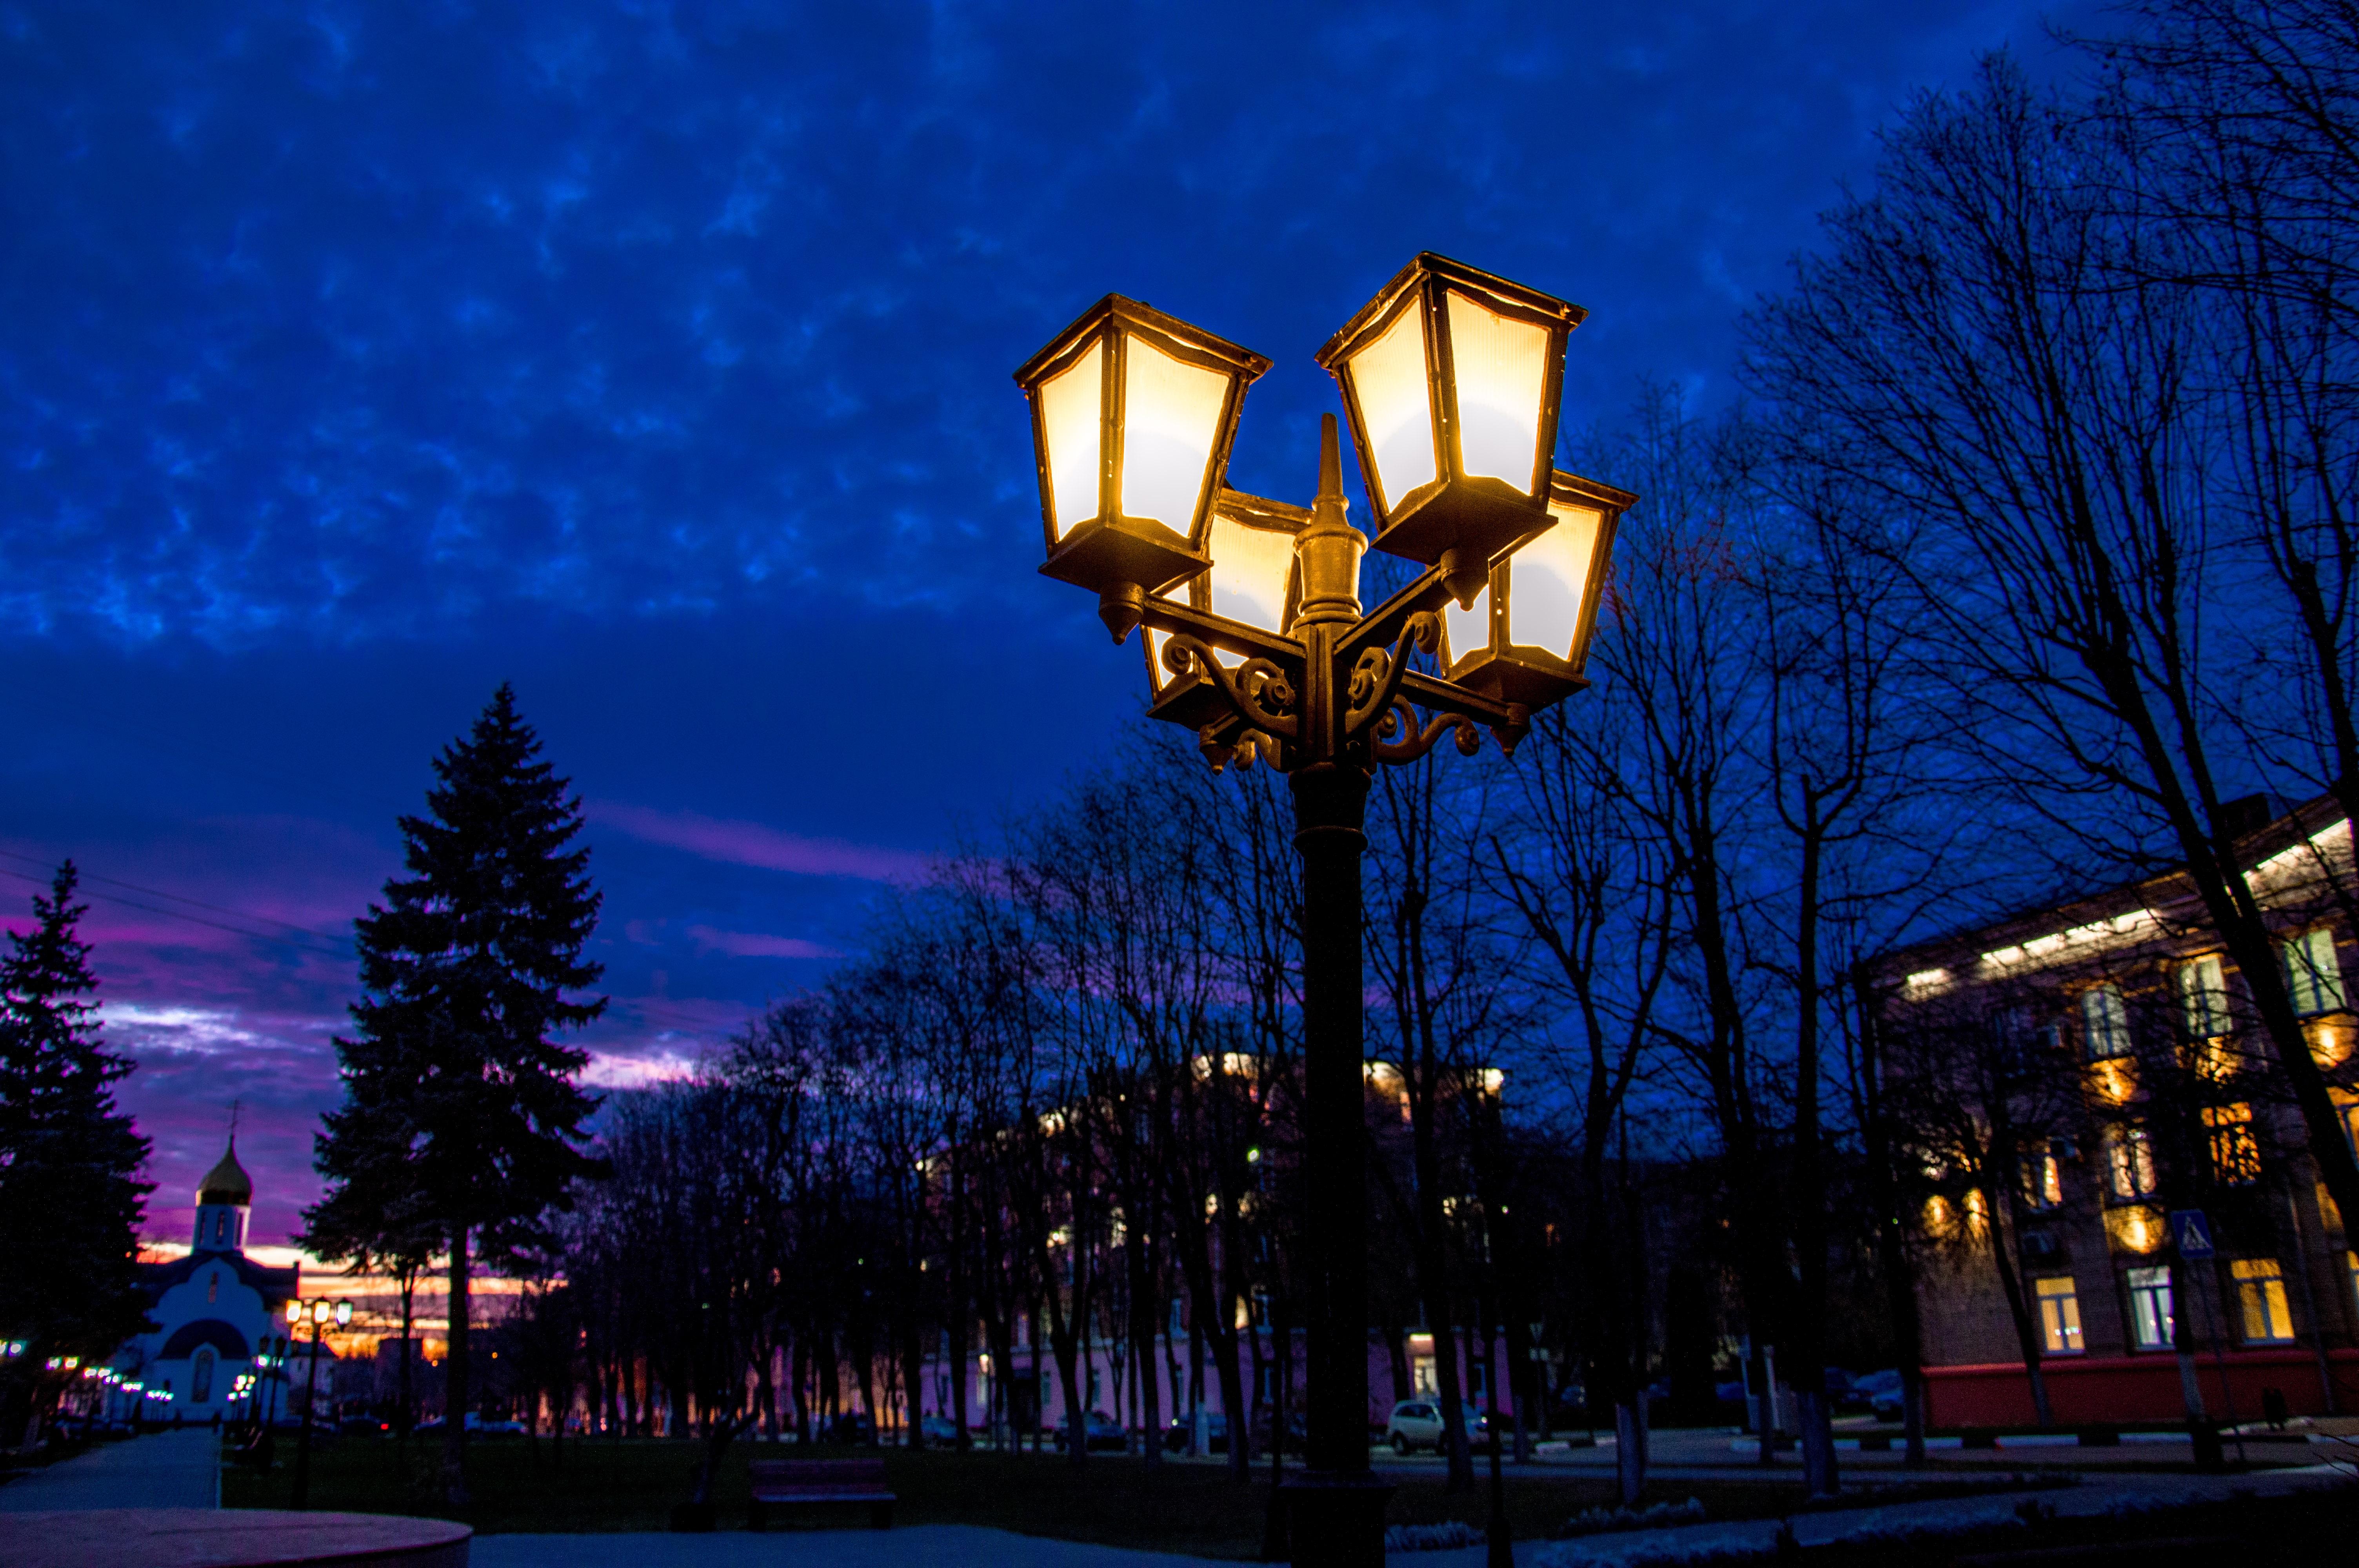 расширяясь, картинка вечерний свет всем творческих успехов